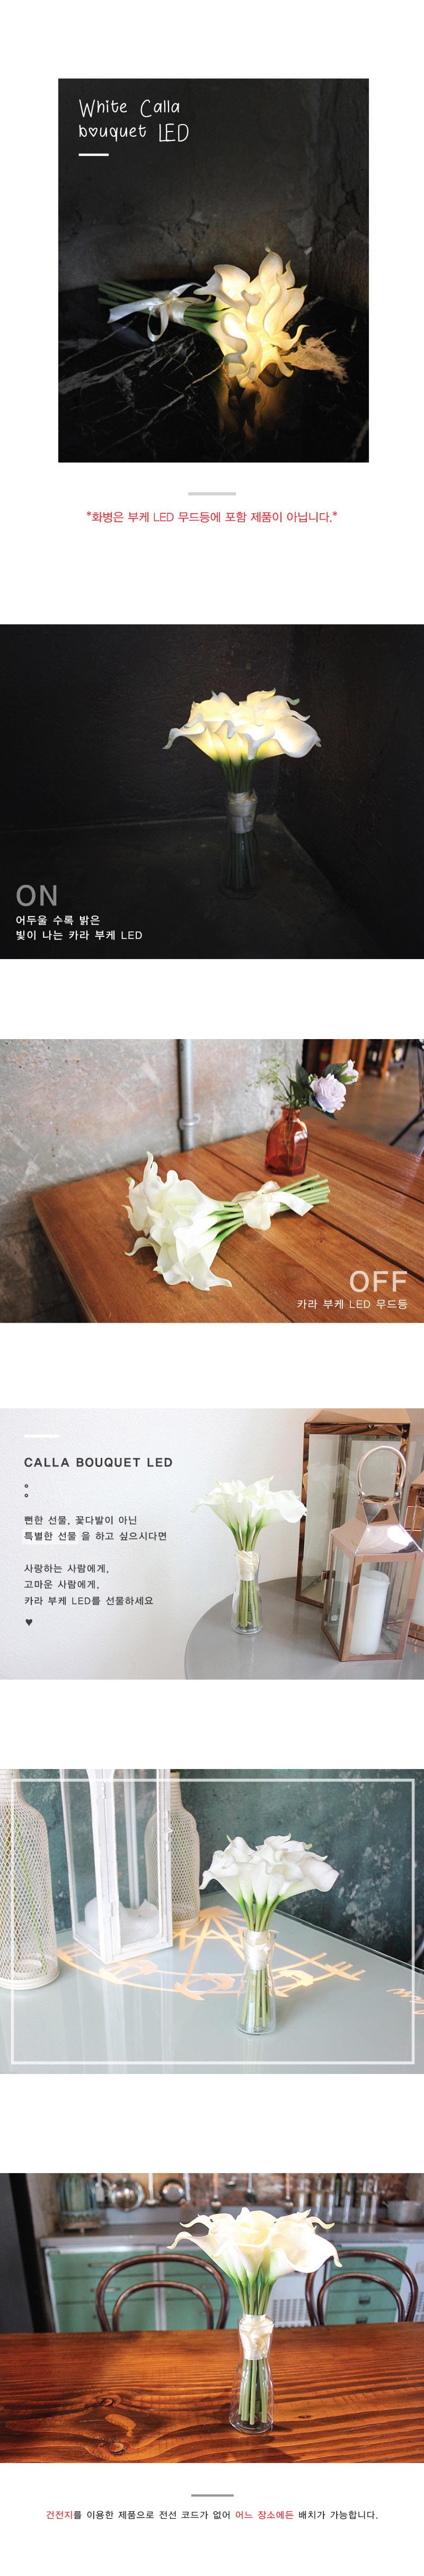 화이트 카라 부케 LED 무드등 - 비아케이스튜디오, 33,900원, 리빙조명, 테이블조명